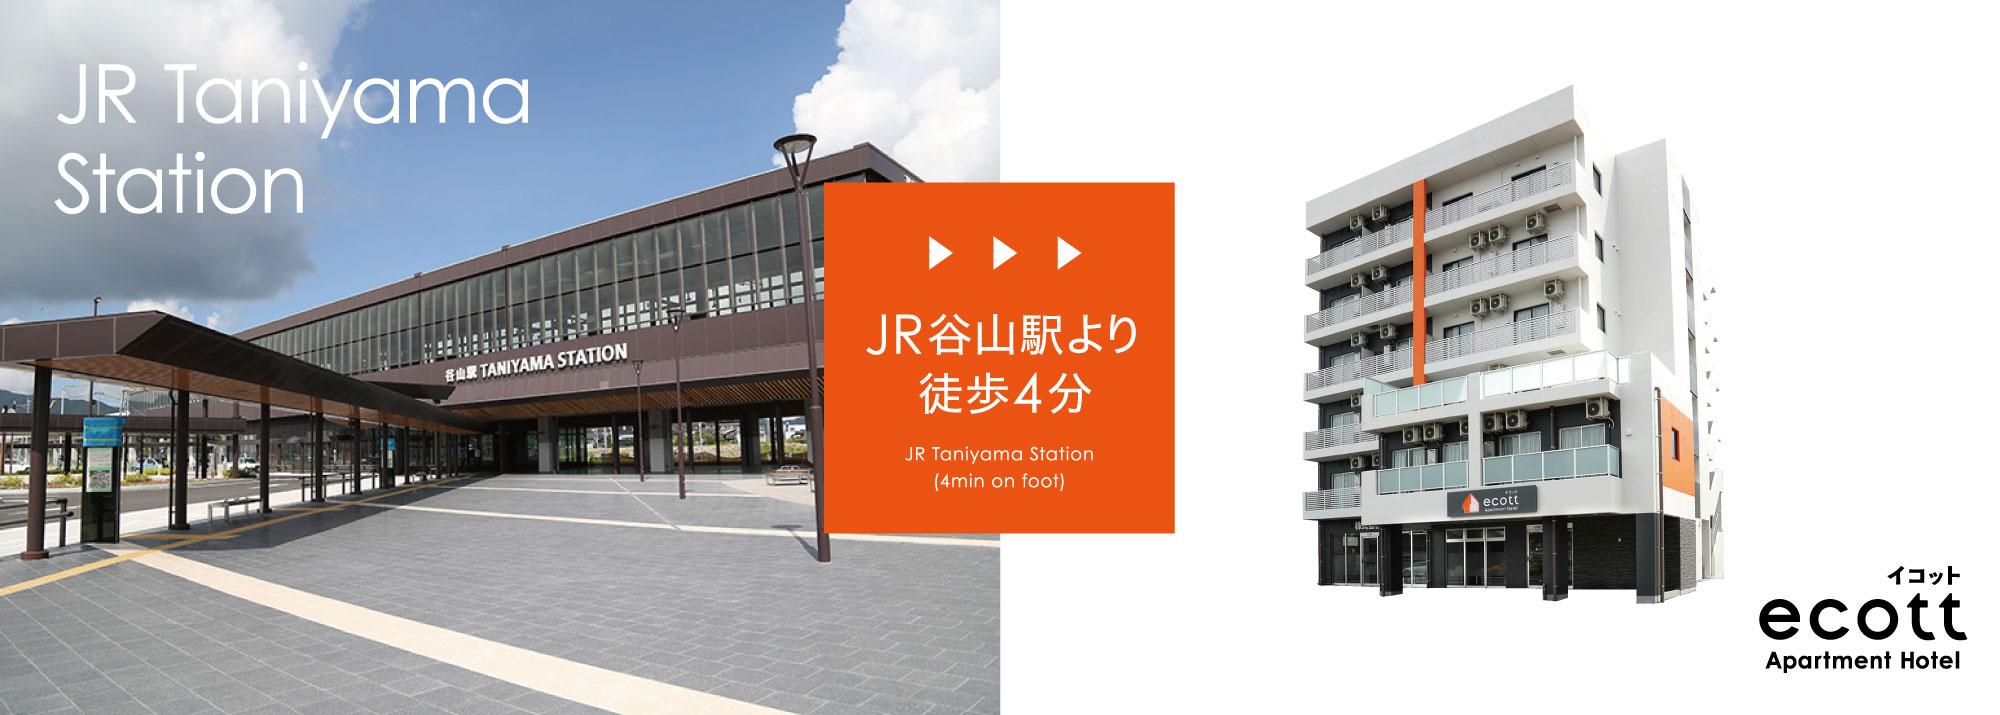 鹿児島市 アパートメントホテルecott